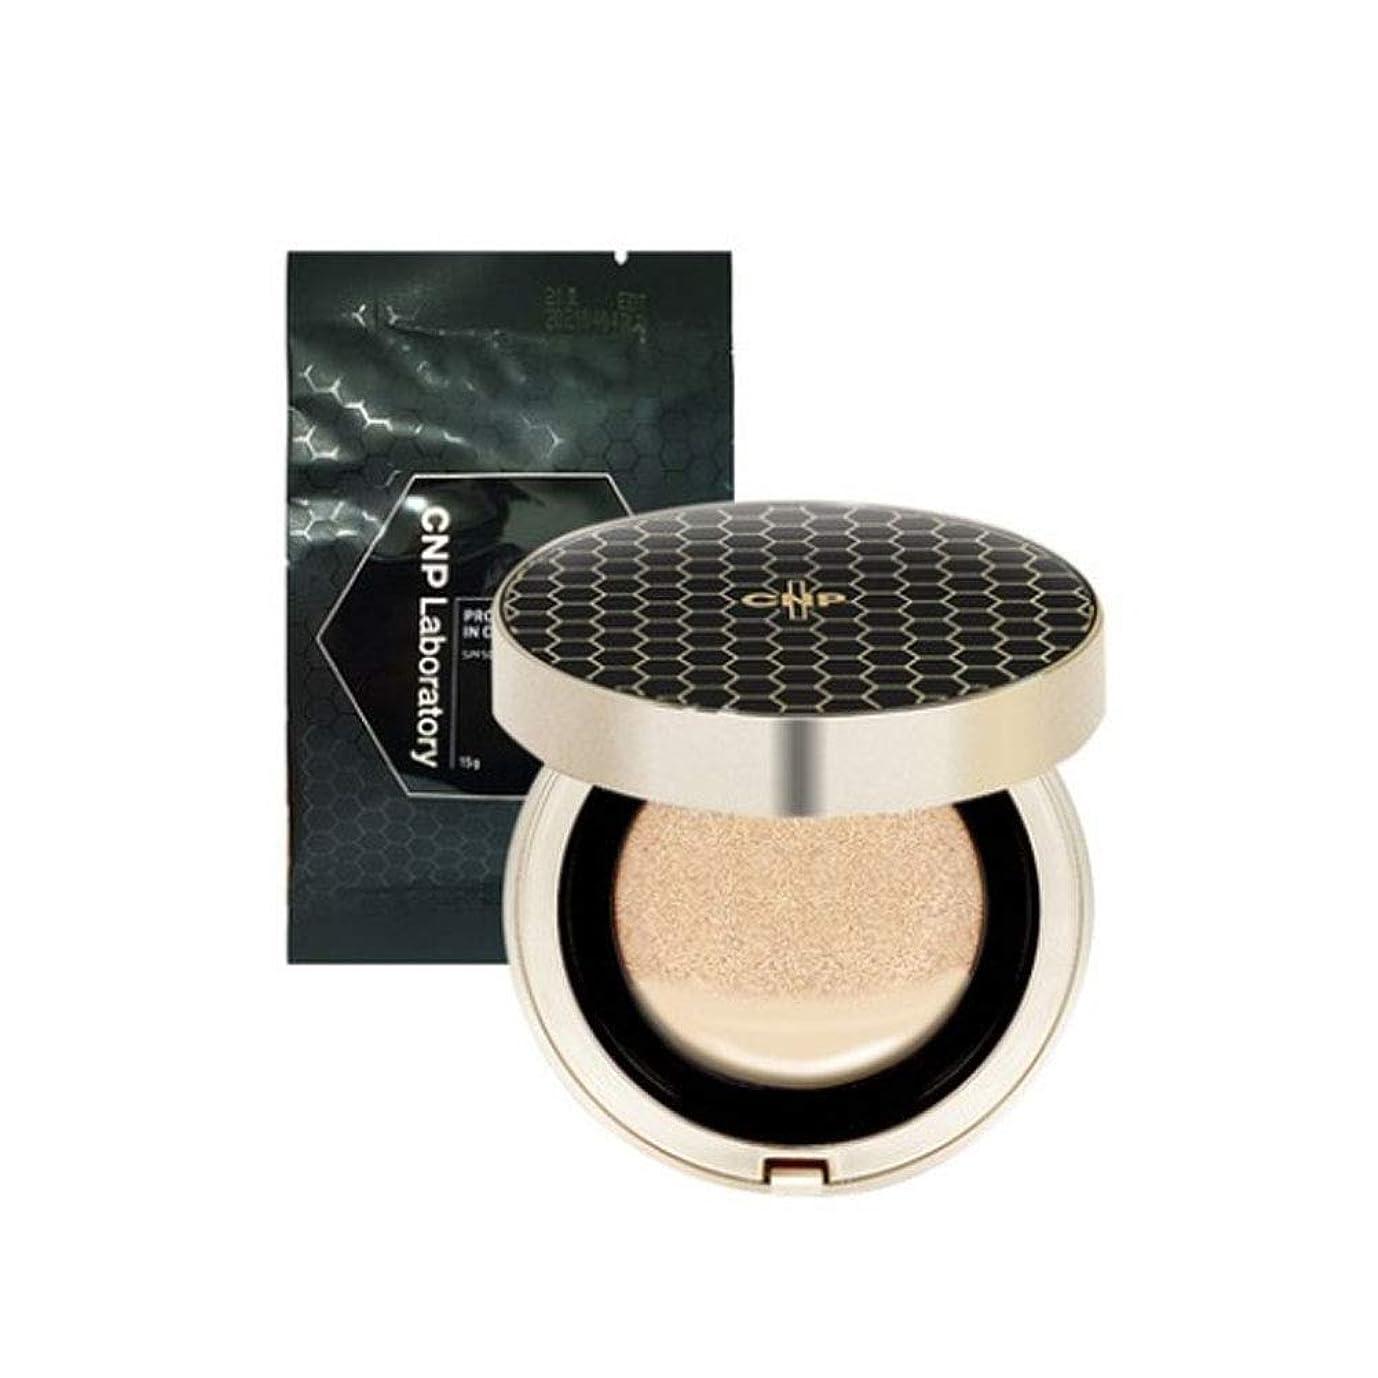 道を作る検体裸[CNP] Propolis Ampule In Cushion (#21) 15g +refill15g /[CNP]プロポリスアンプルインクッション(#21号)15g +リフィル15g [並行輸入品]